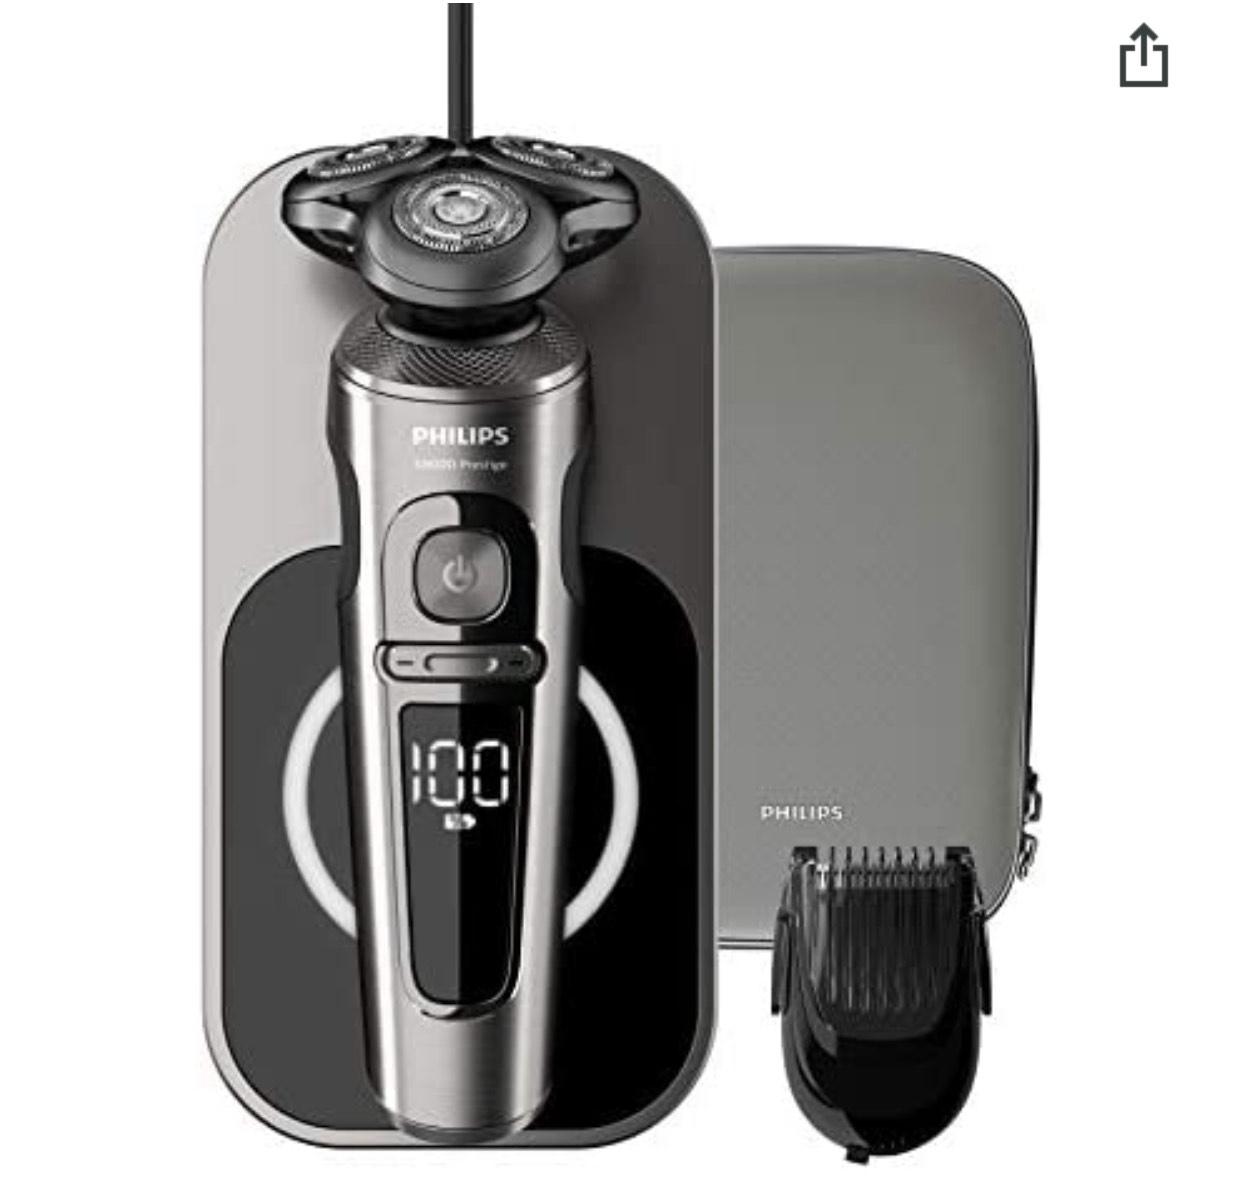 Philips SP9860/16 Prestige Rasierer (wie neu)